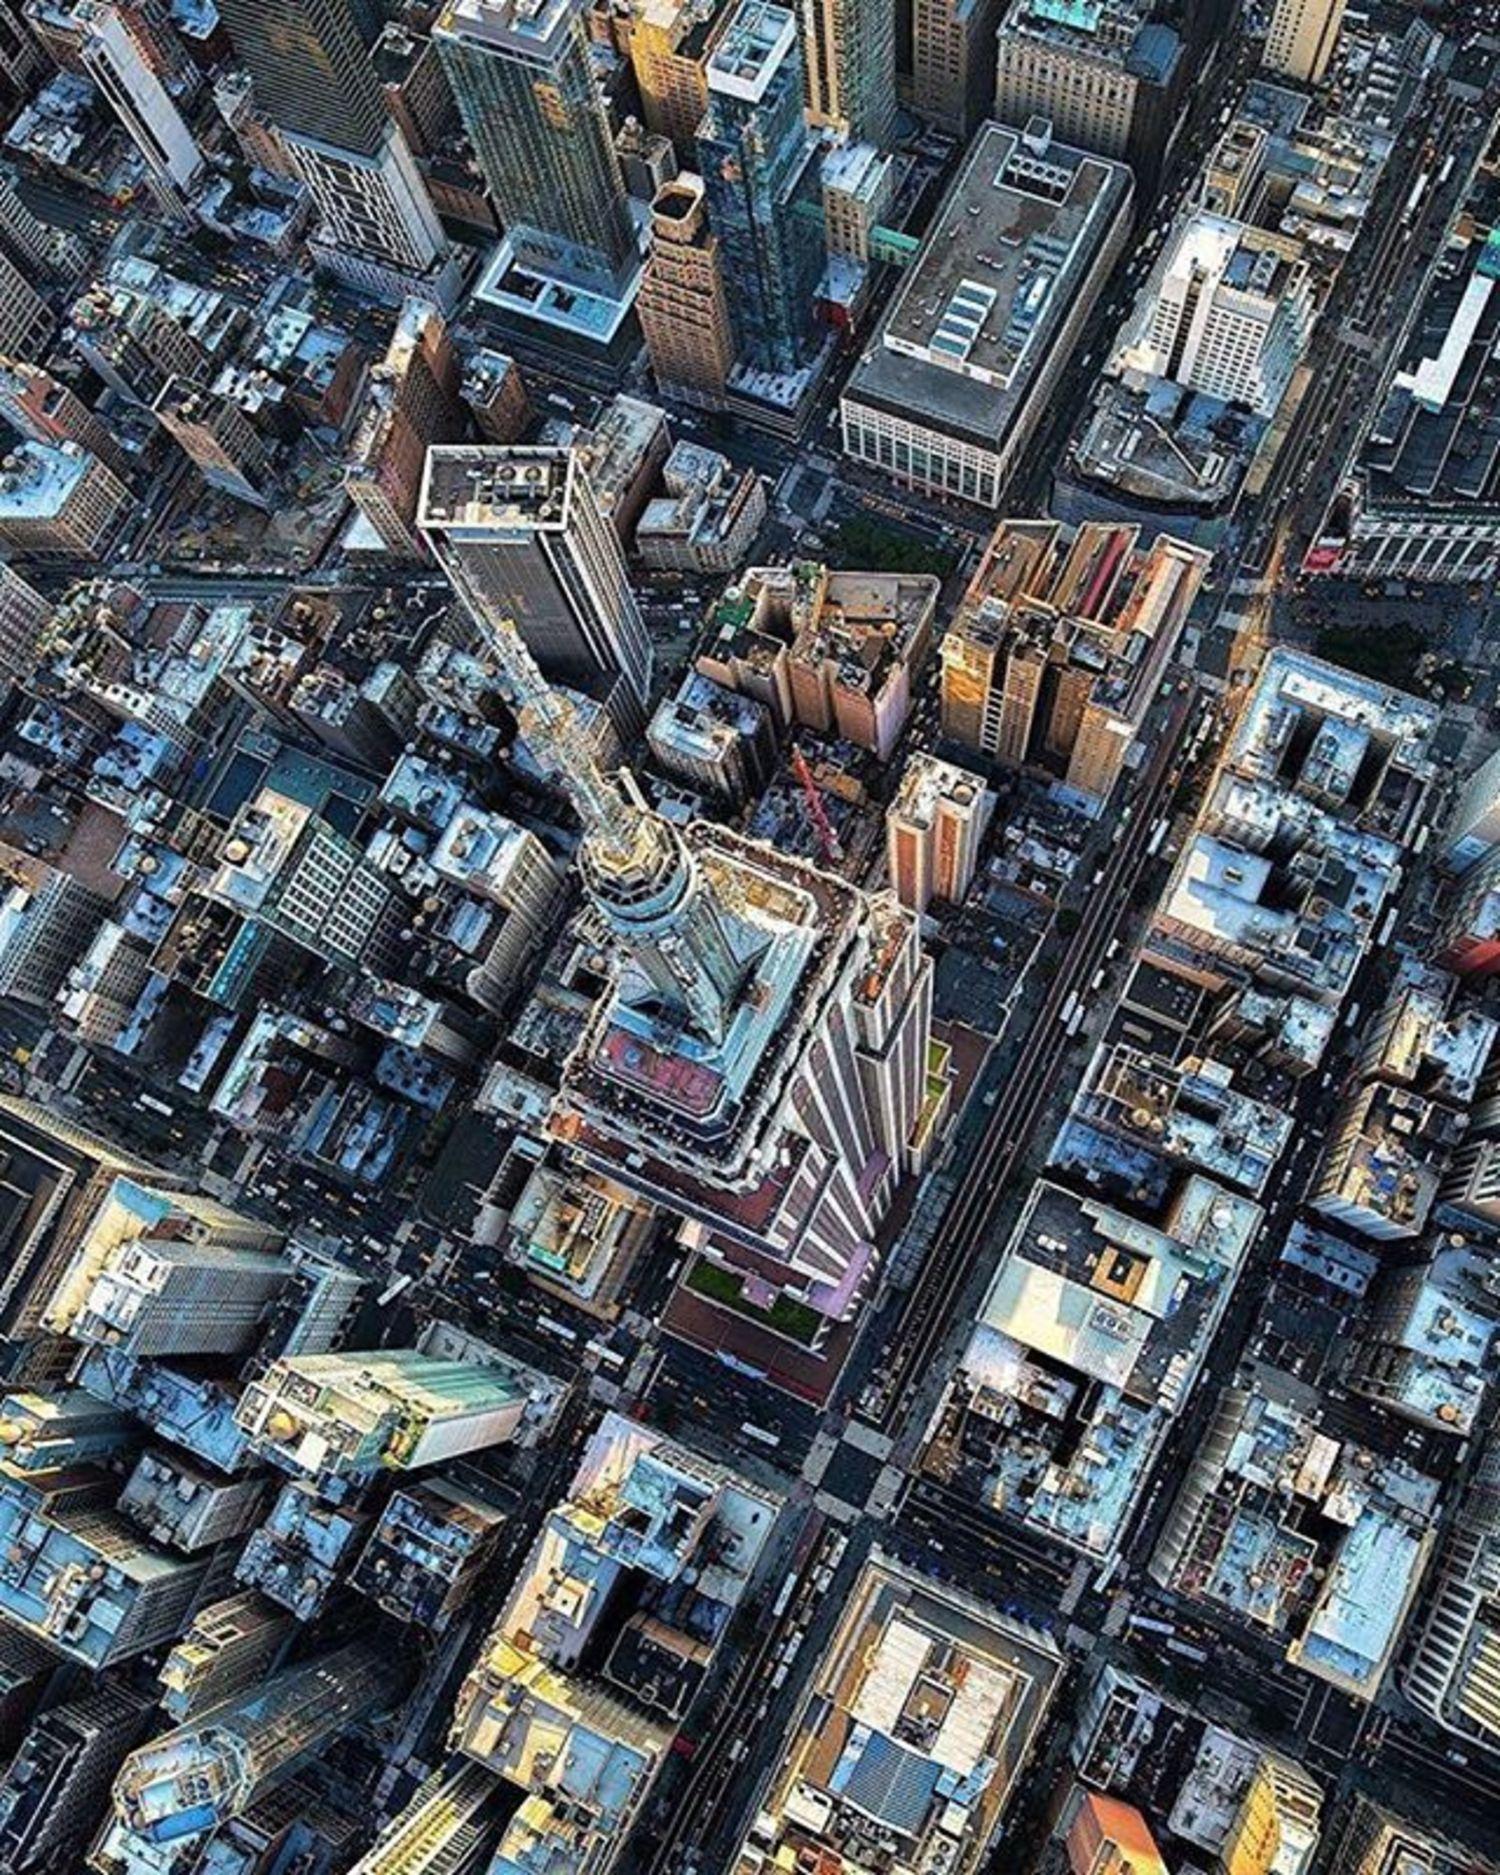 Empire State Building, New York, New York. Photo via @mattpugs #viewingnyc #newyorkcity #newyork #nyc